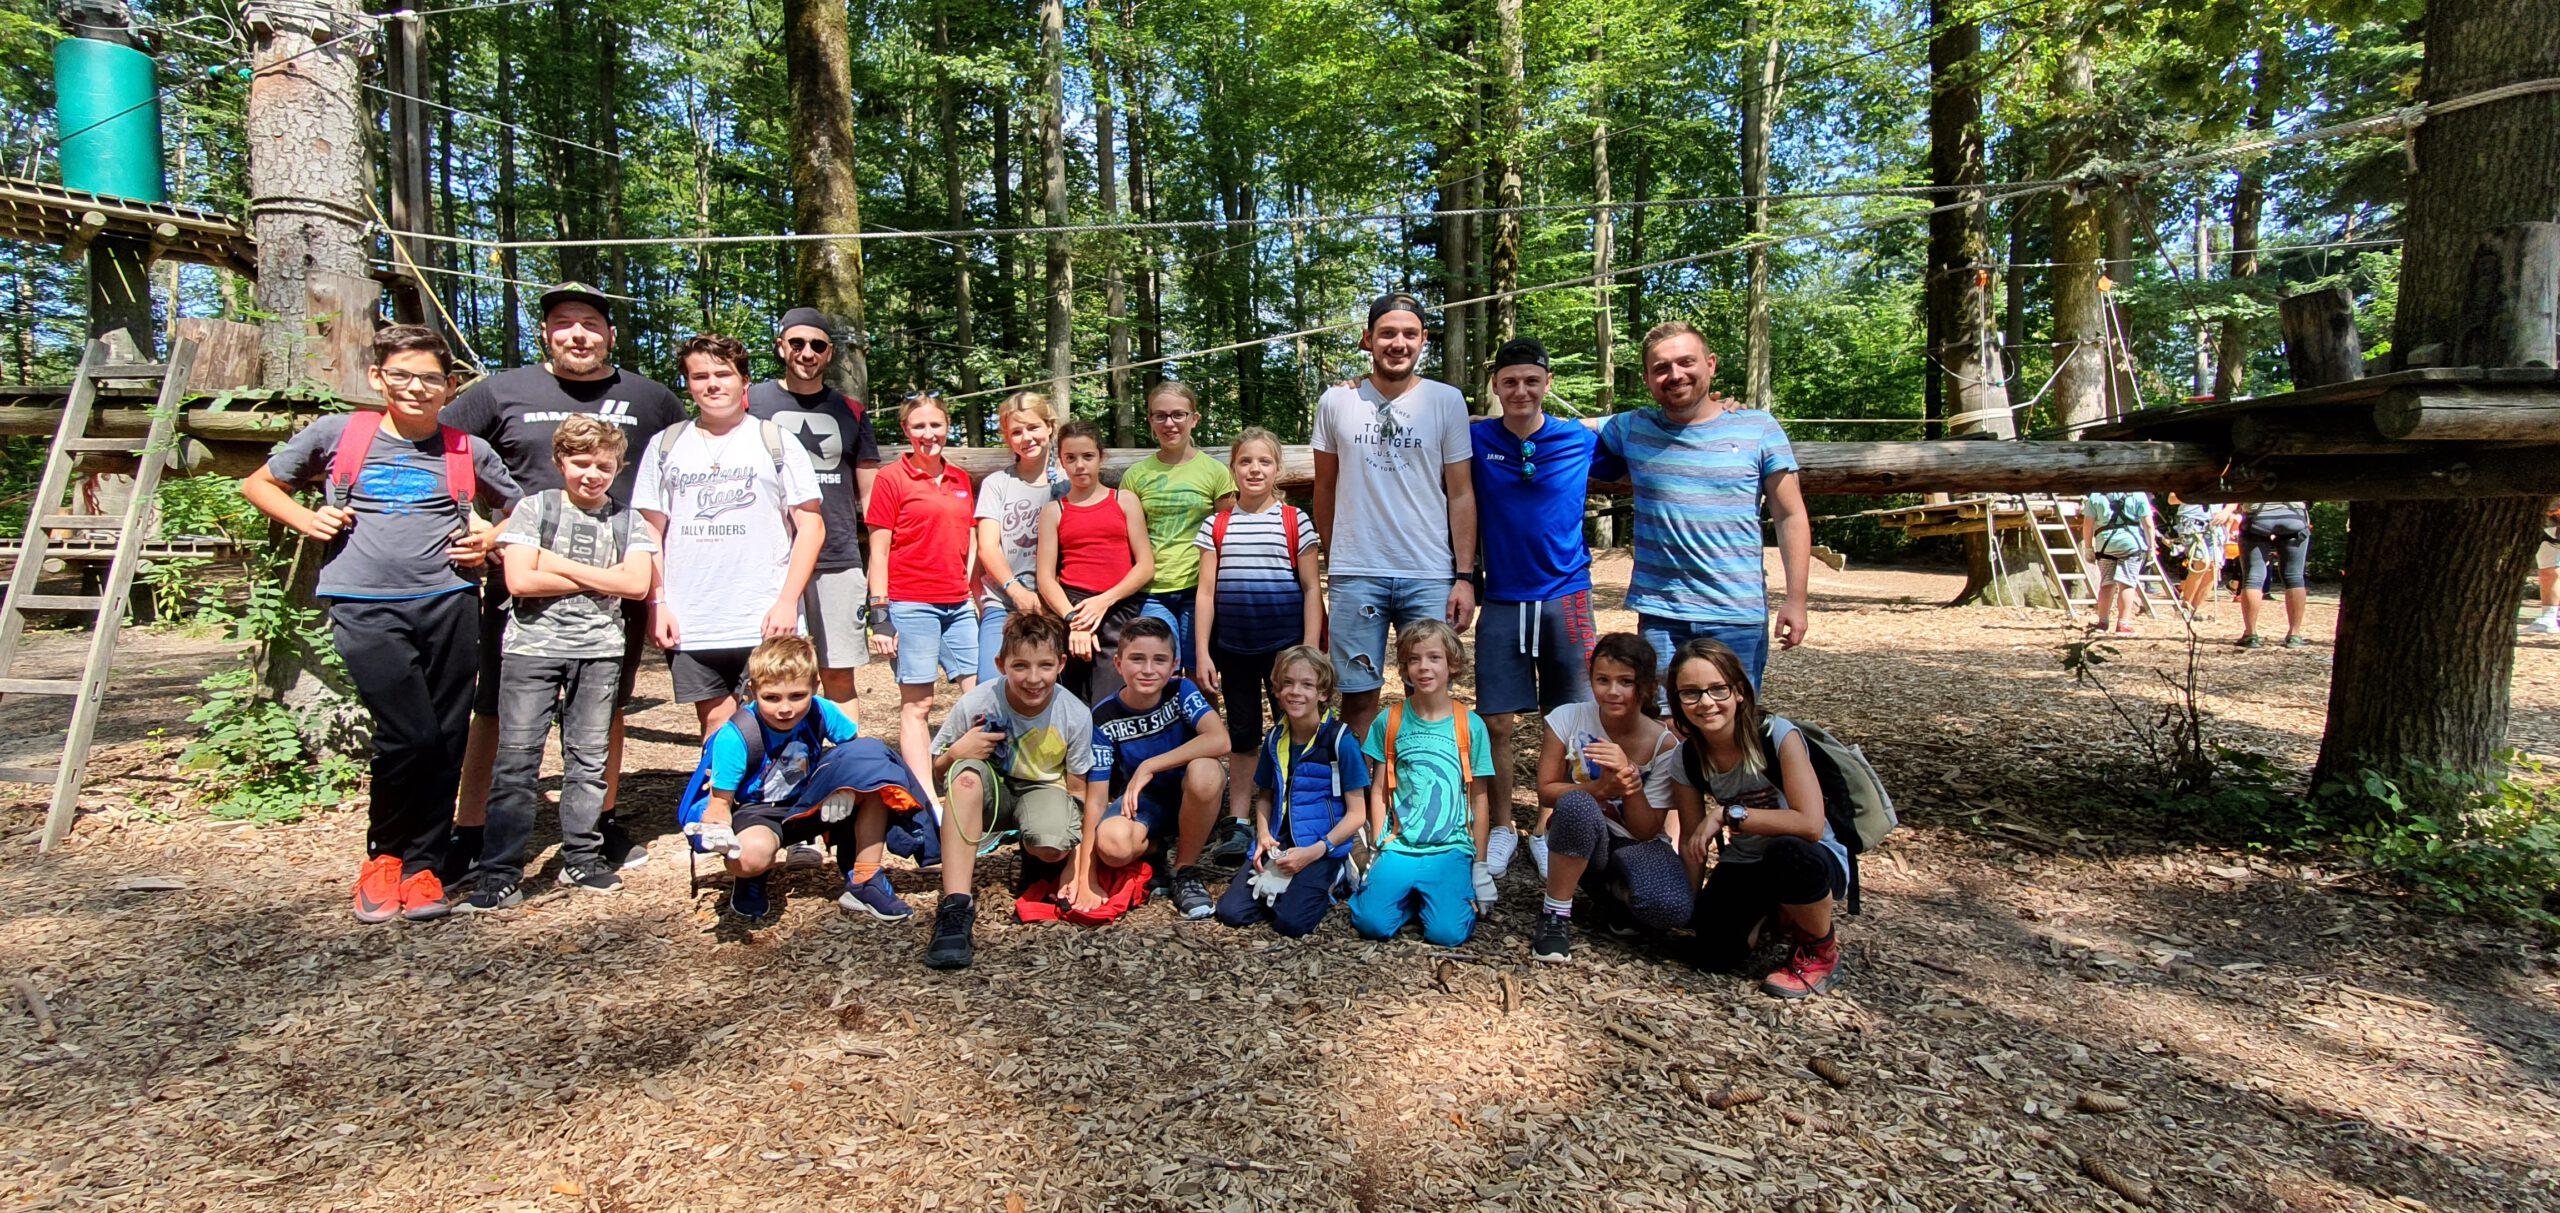 You are currently viewing Mit dem Kinderferienprogramm im Hochseilgarten